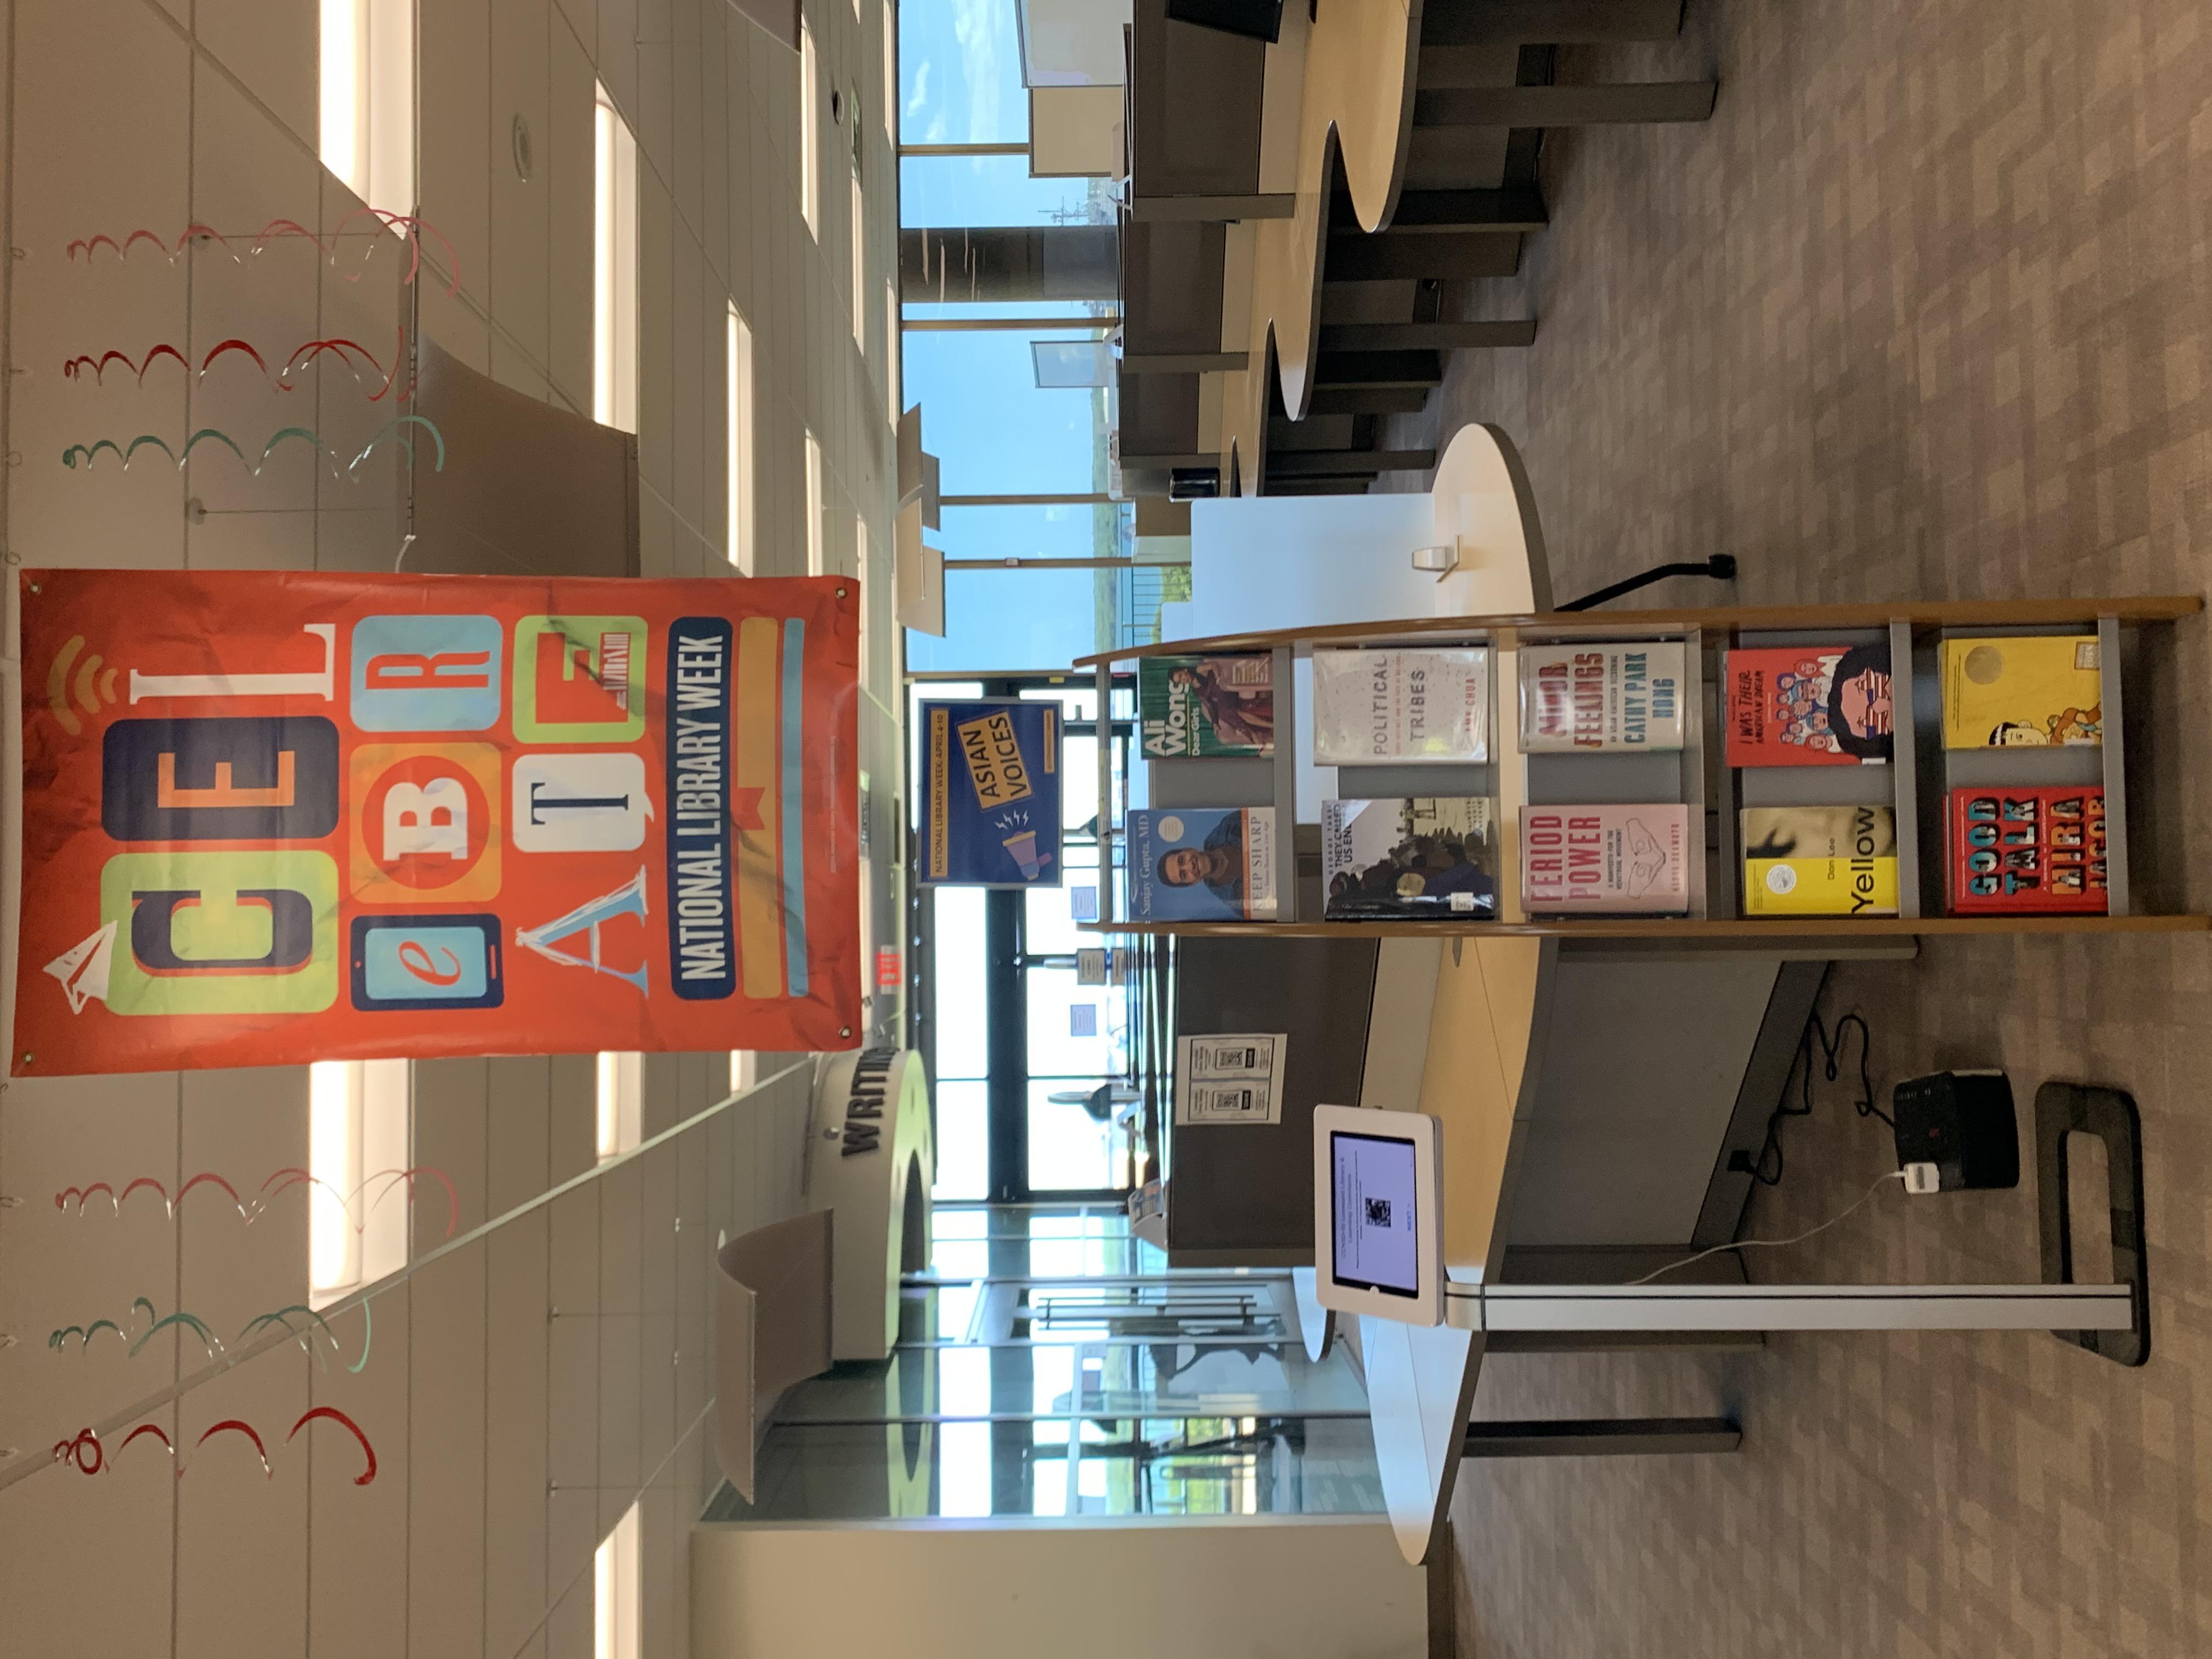 National Library Week 2021 Display